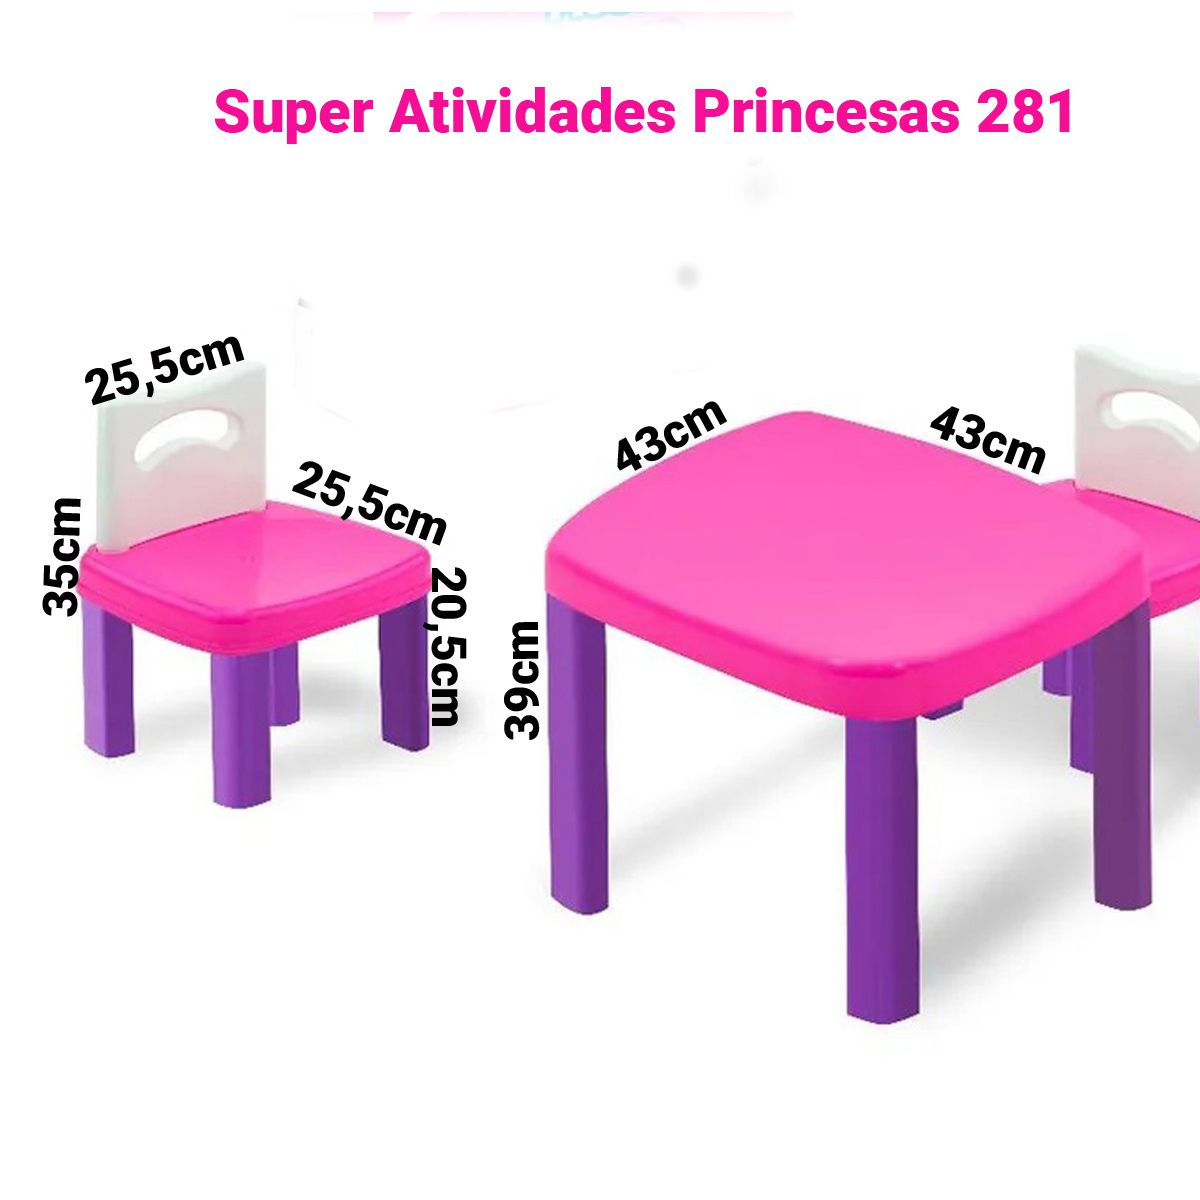 Mesinha Infantil Princesa com 2 cadeiras Plástica Super Atividades Simotoys 281